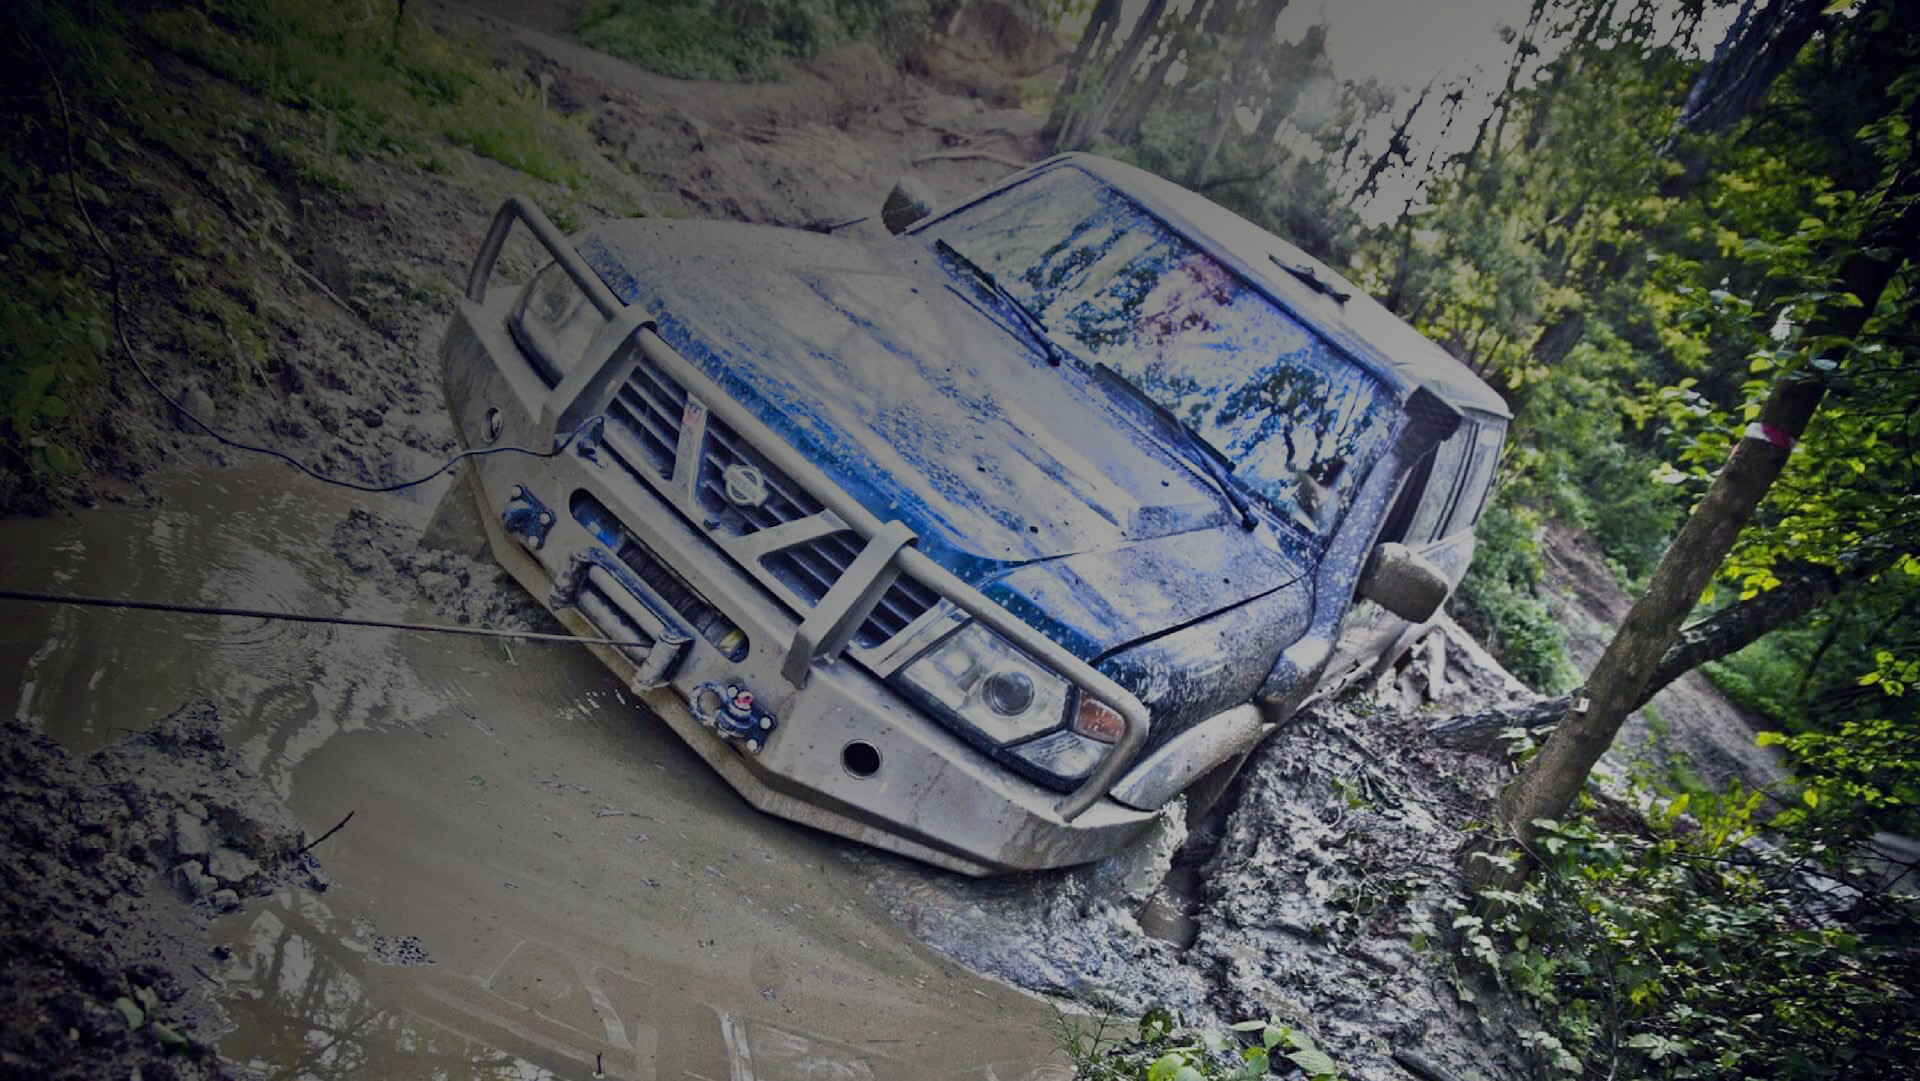 Off-road i wyprawy w trudny teren to wyzwanie dla śmiełków spragnionych wyjątkowych przygód